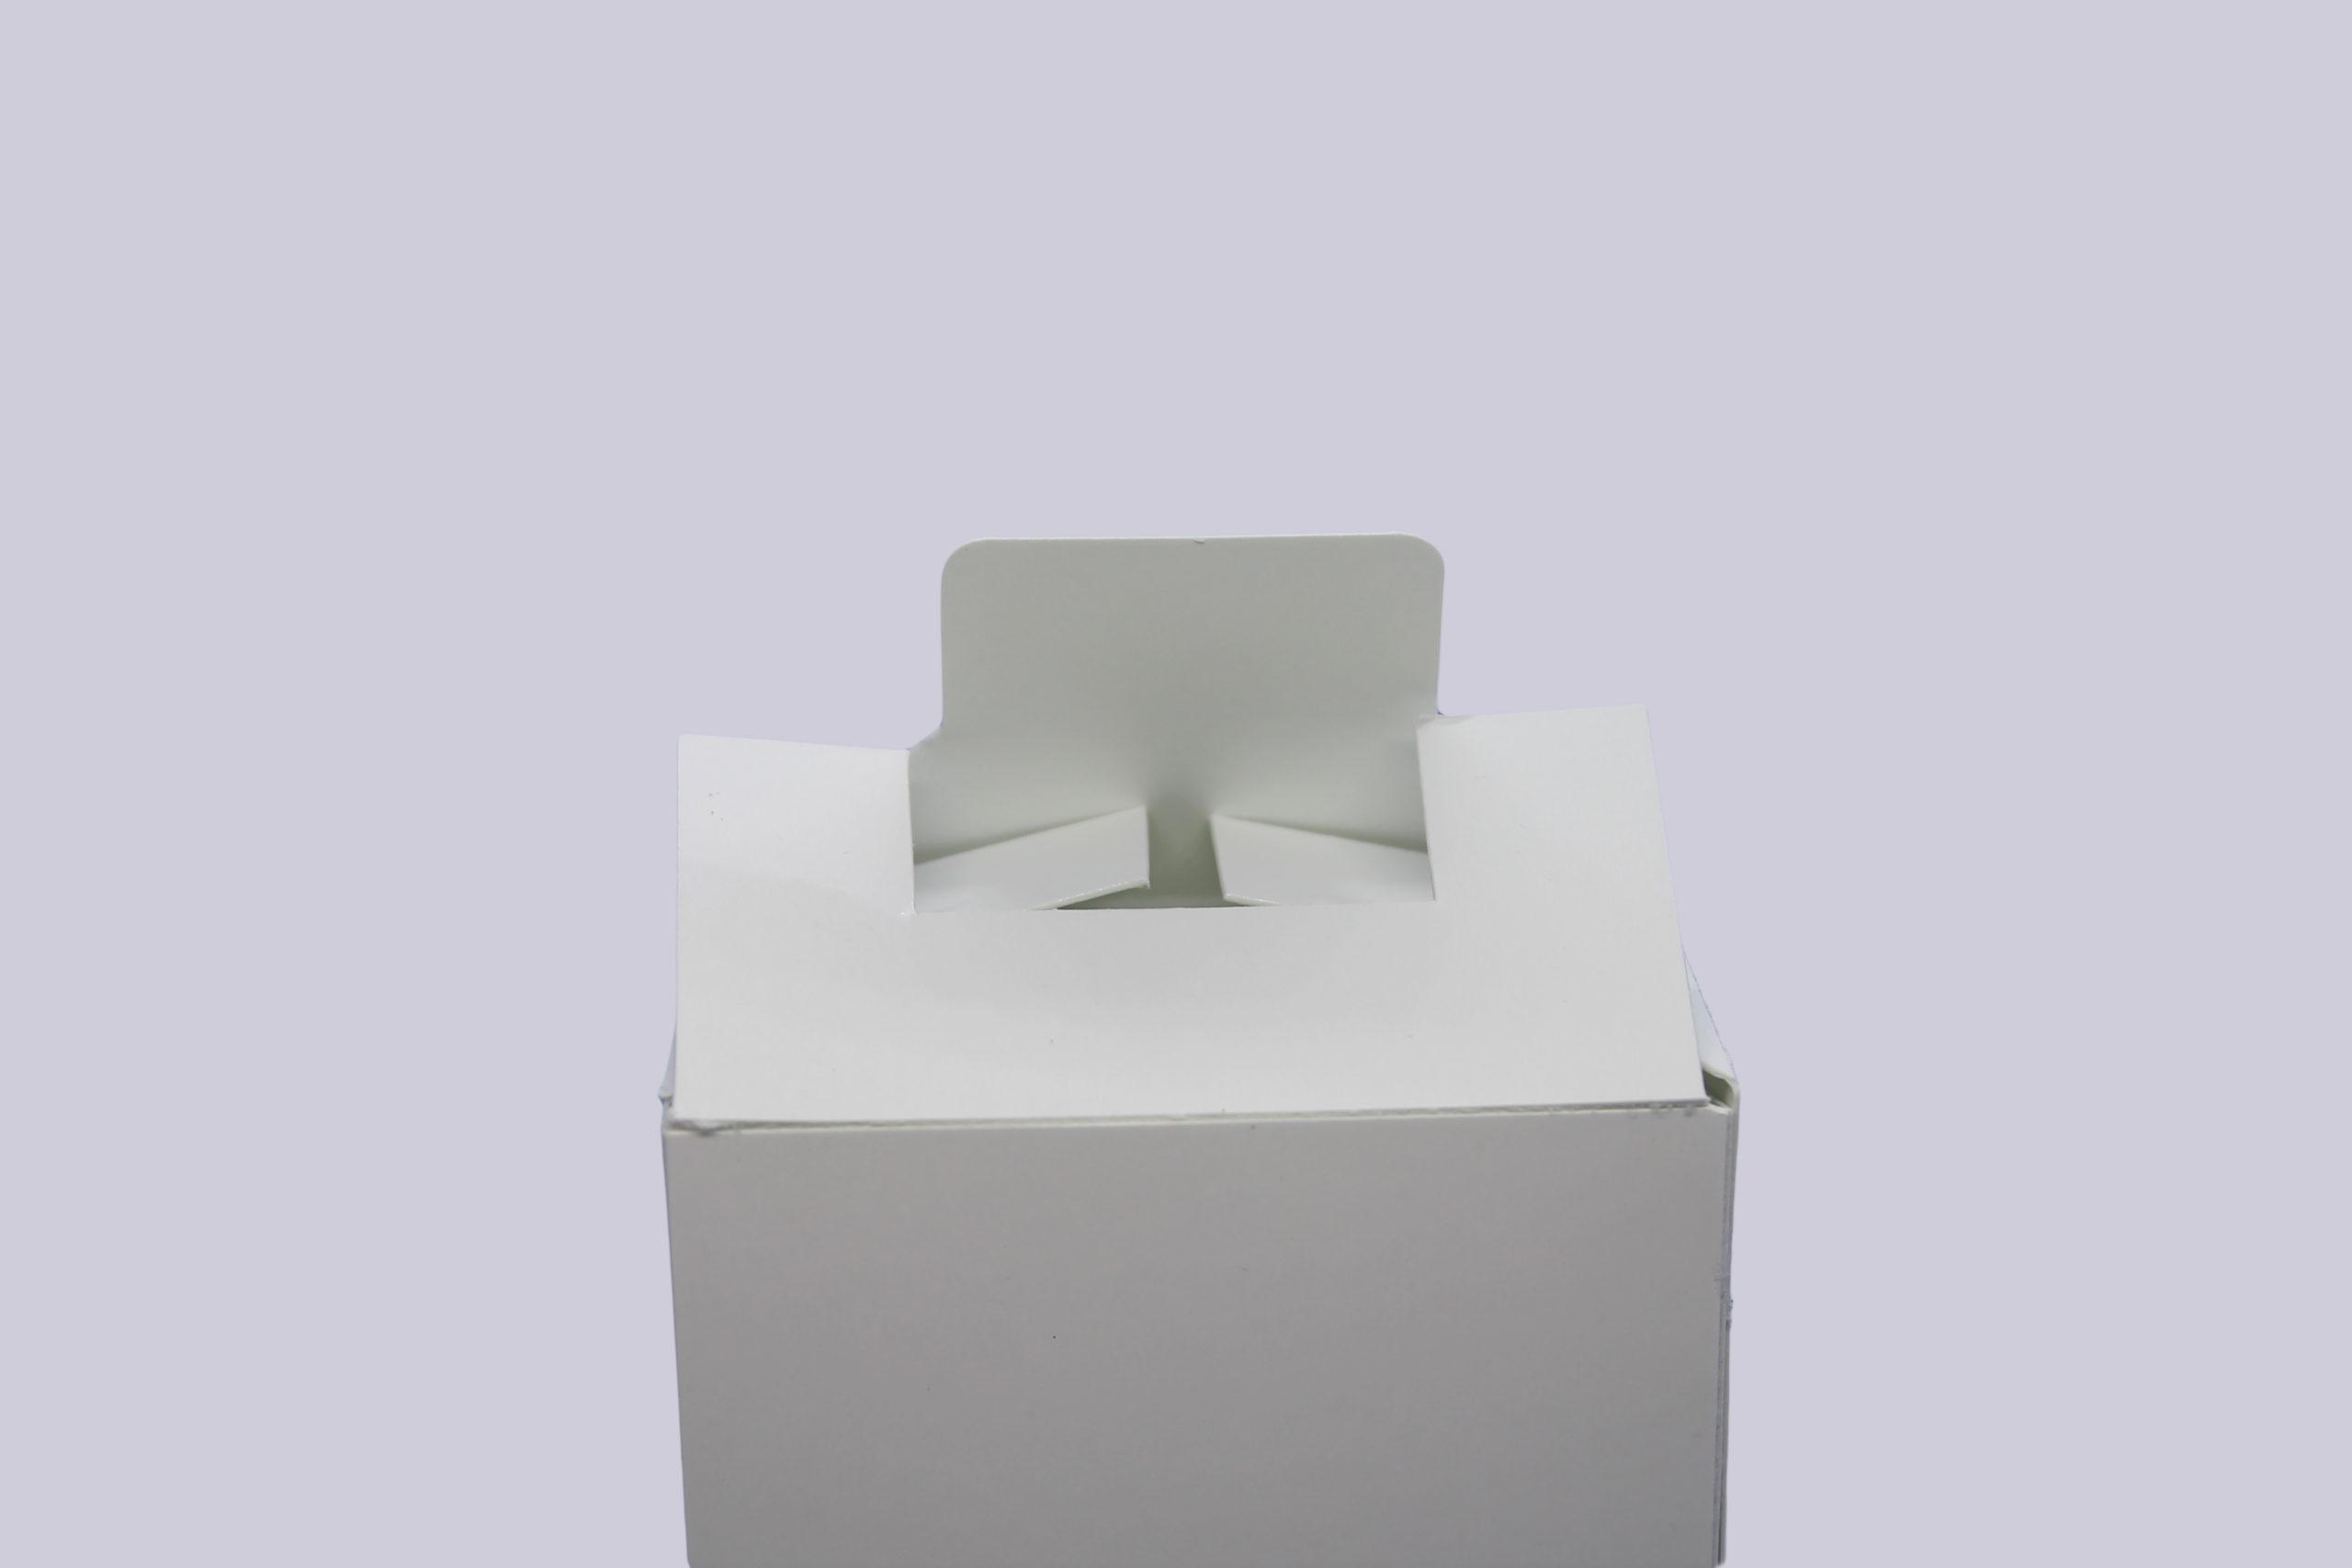 Faltschachteln mit Steckboden - Ansicht des Deckels